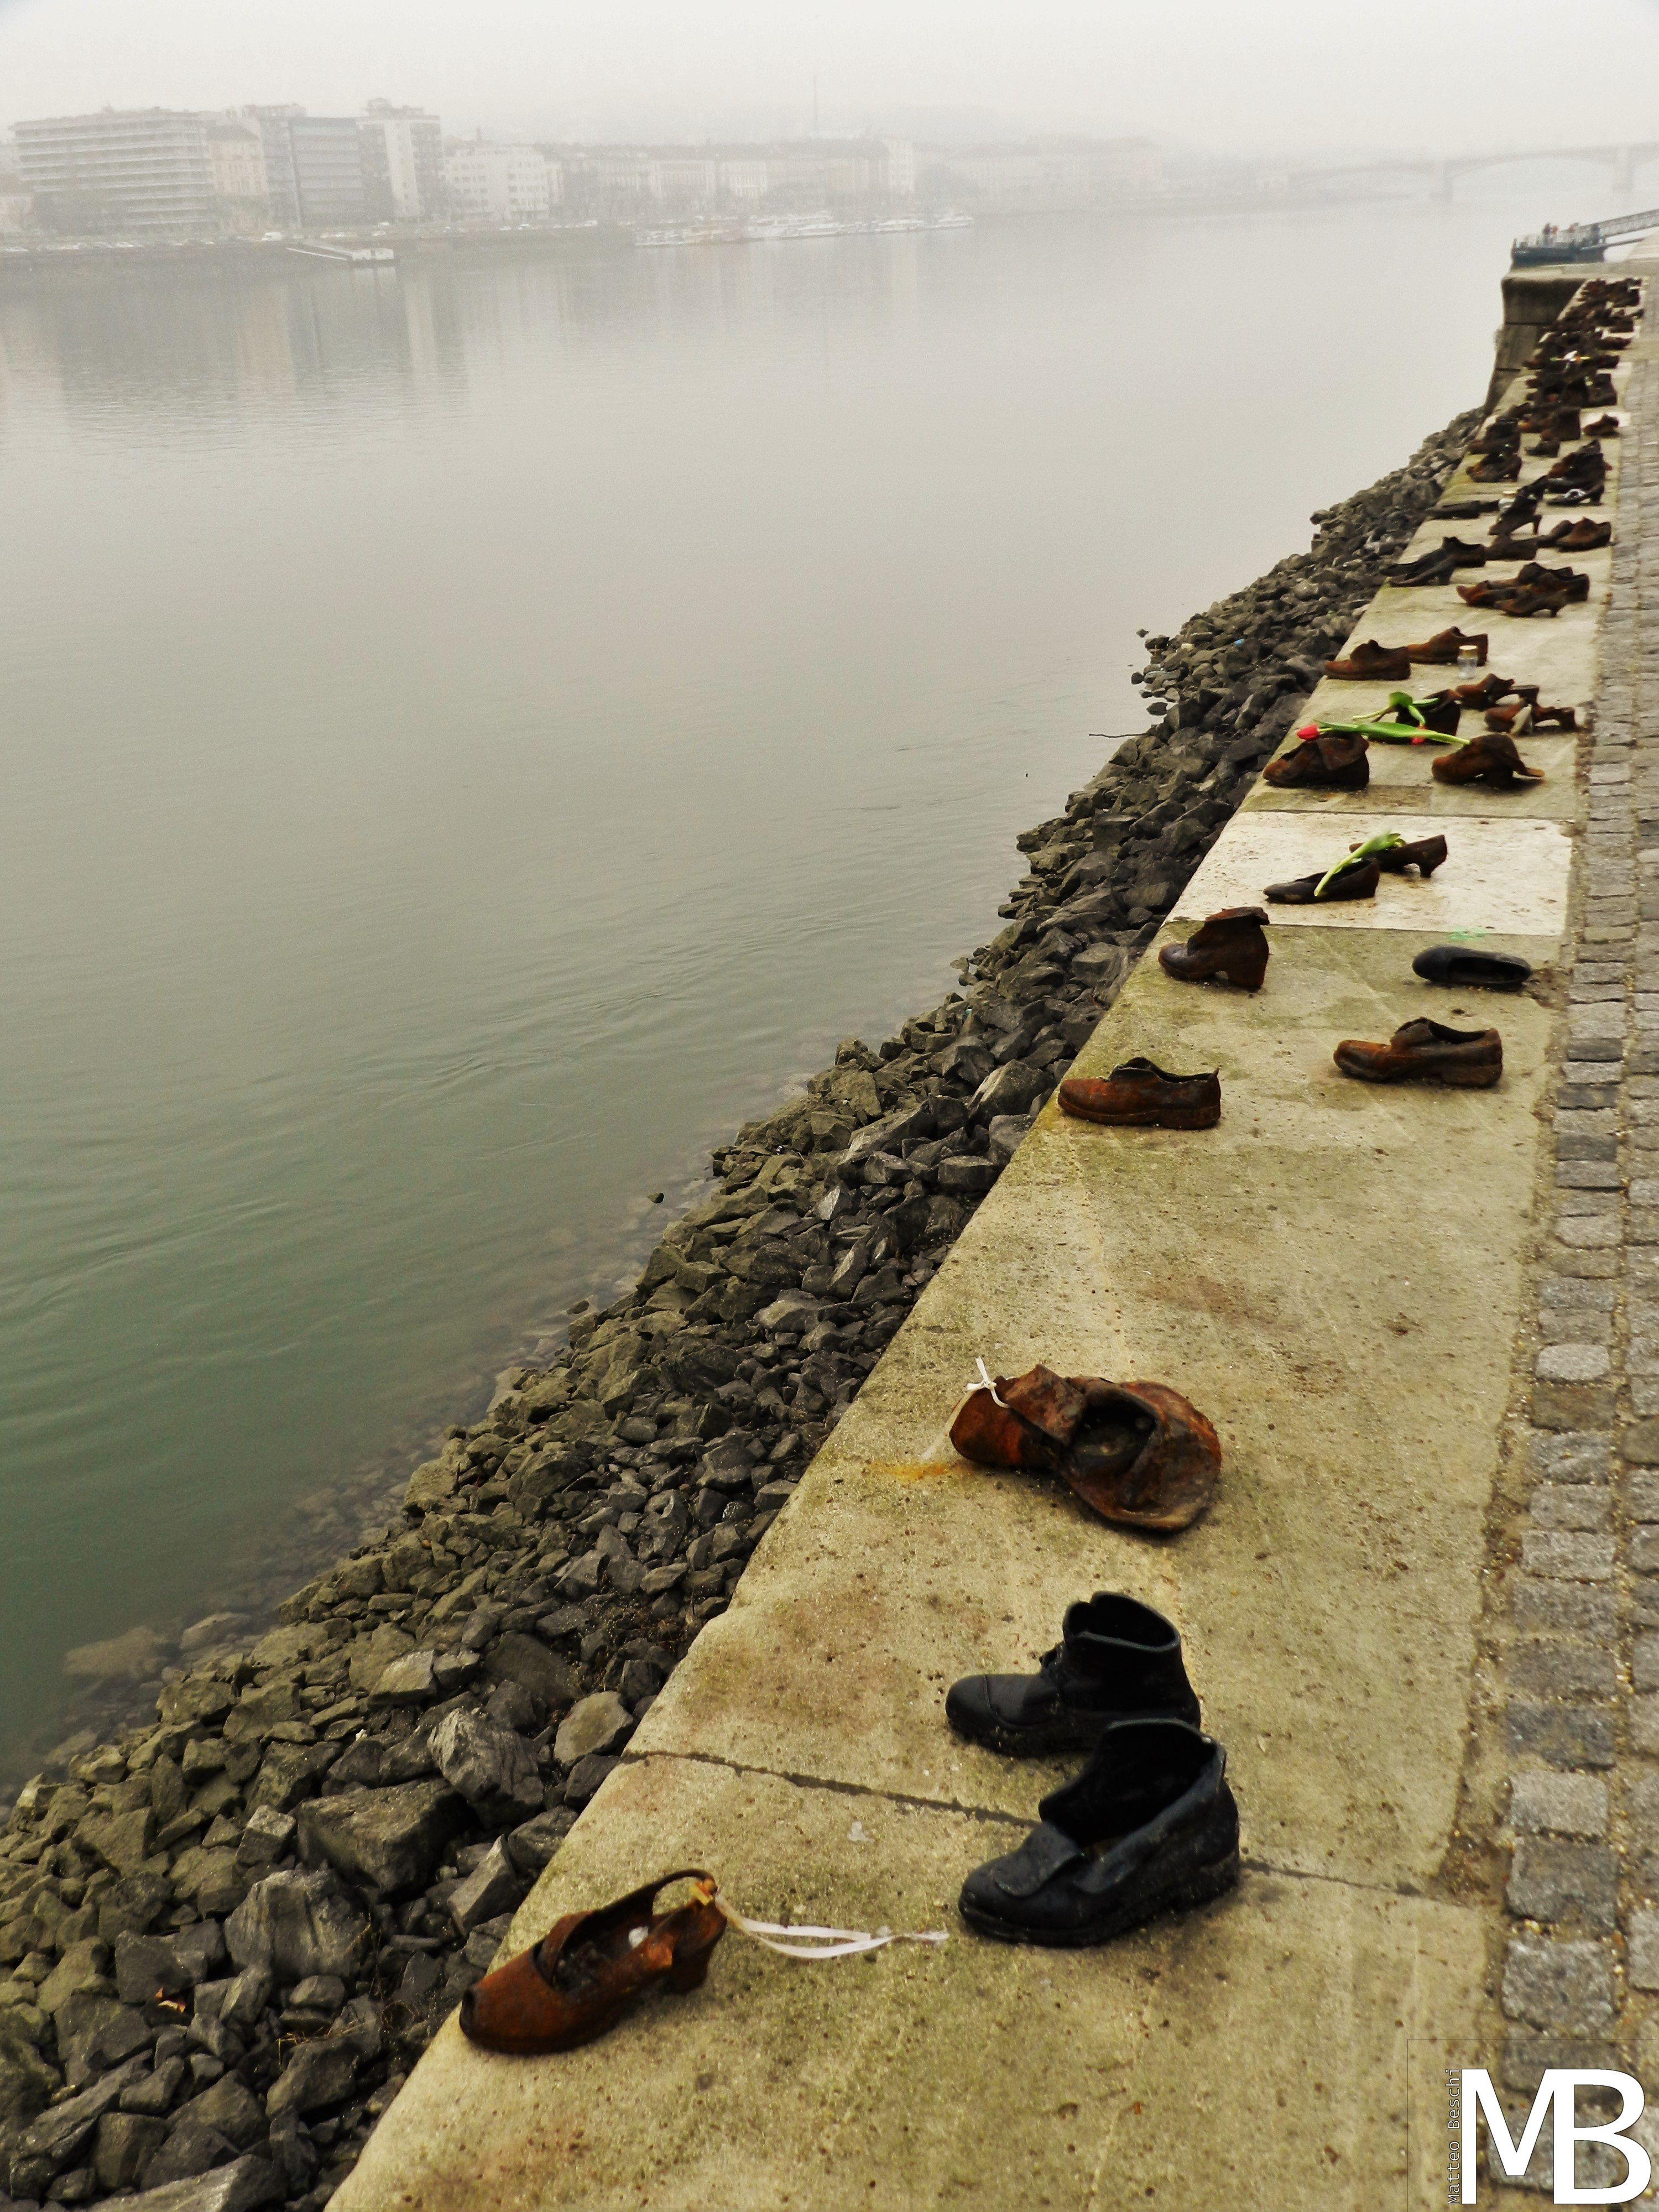 Memoriale Shoah Scarpe Sul Danubio Budapest Parigi Cose